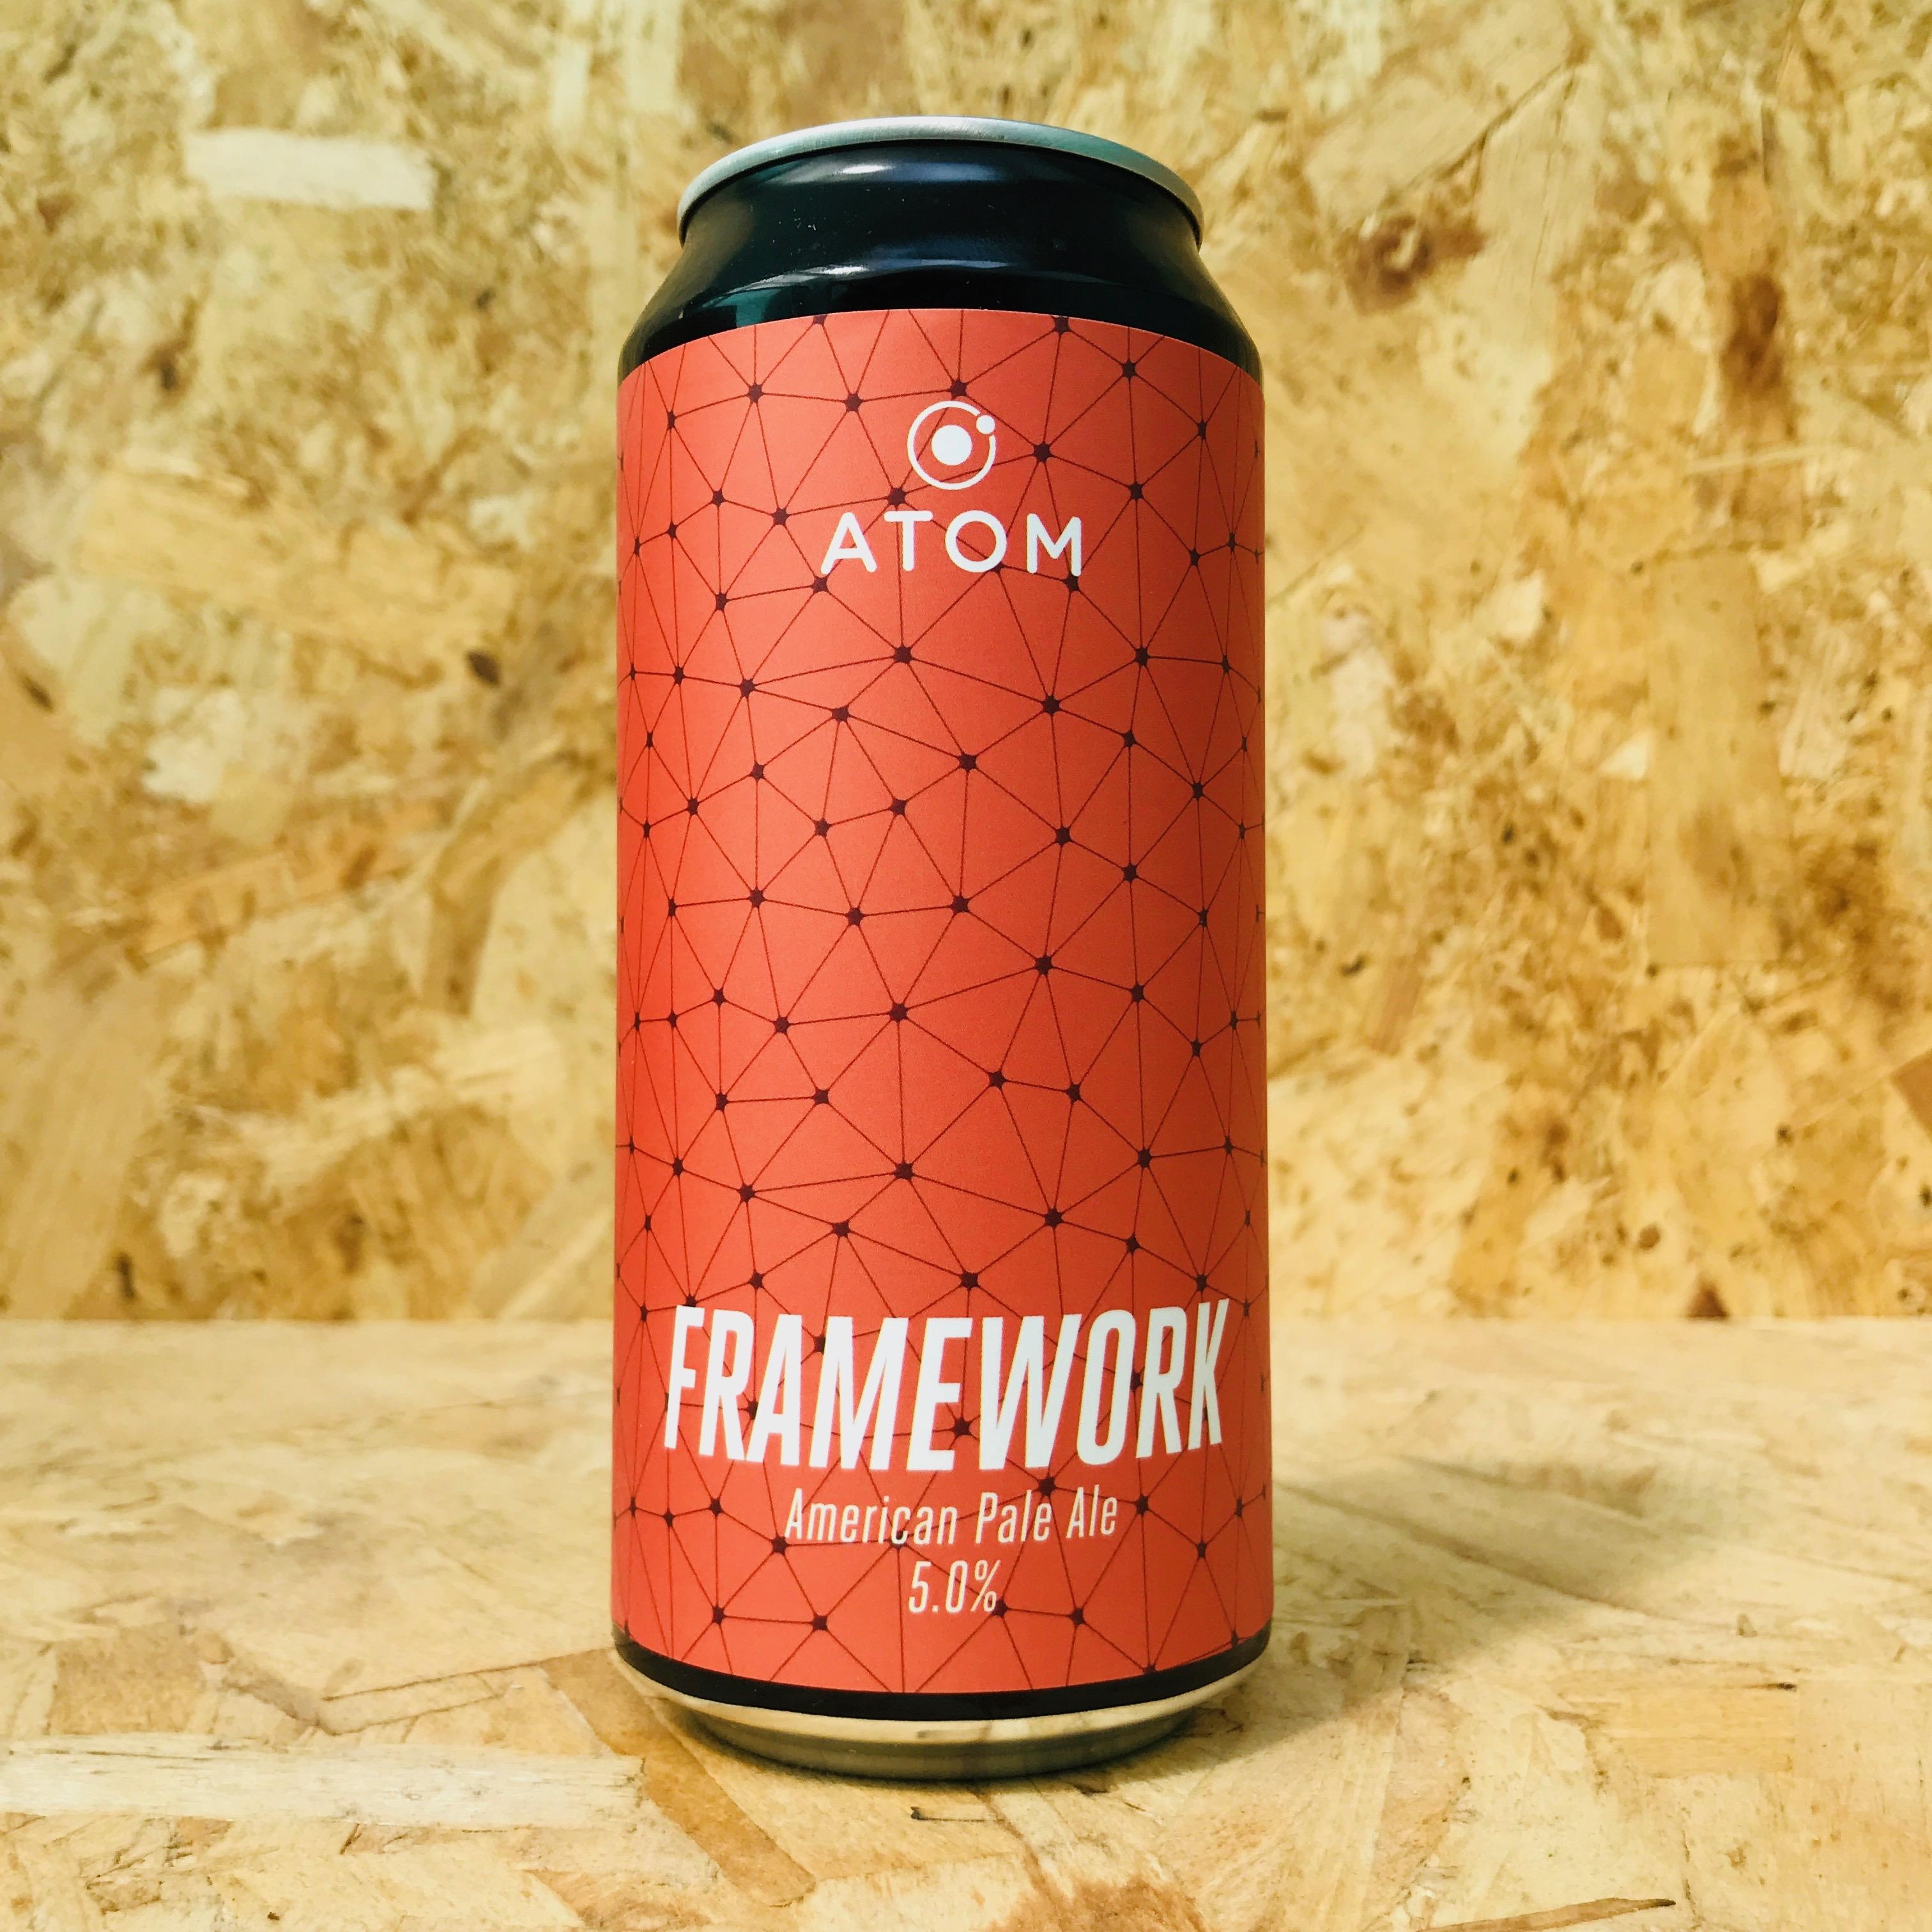 Atom - Framework